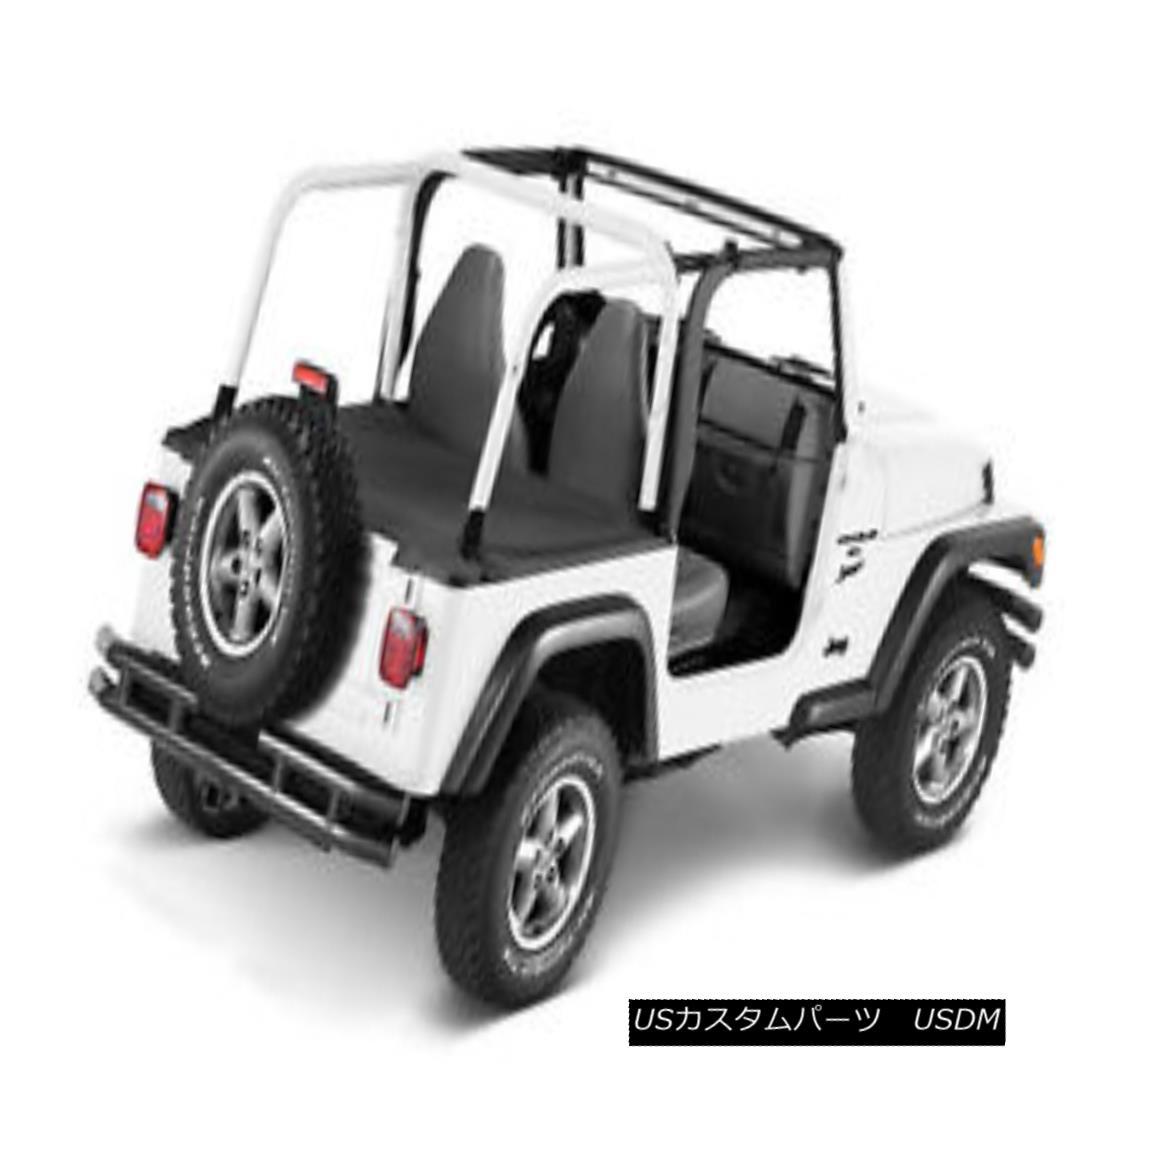 幌・ソフトトップ Bestop Duster Deck Cover 03-06 Jeep Wrangler TJ Black Diamond Factory Soft Top Bestopダスターデッキカバー03-06ジープラングラーTJブラックダイヤモンドファクトリーSoft Top